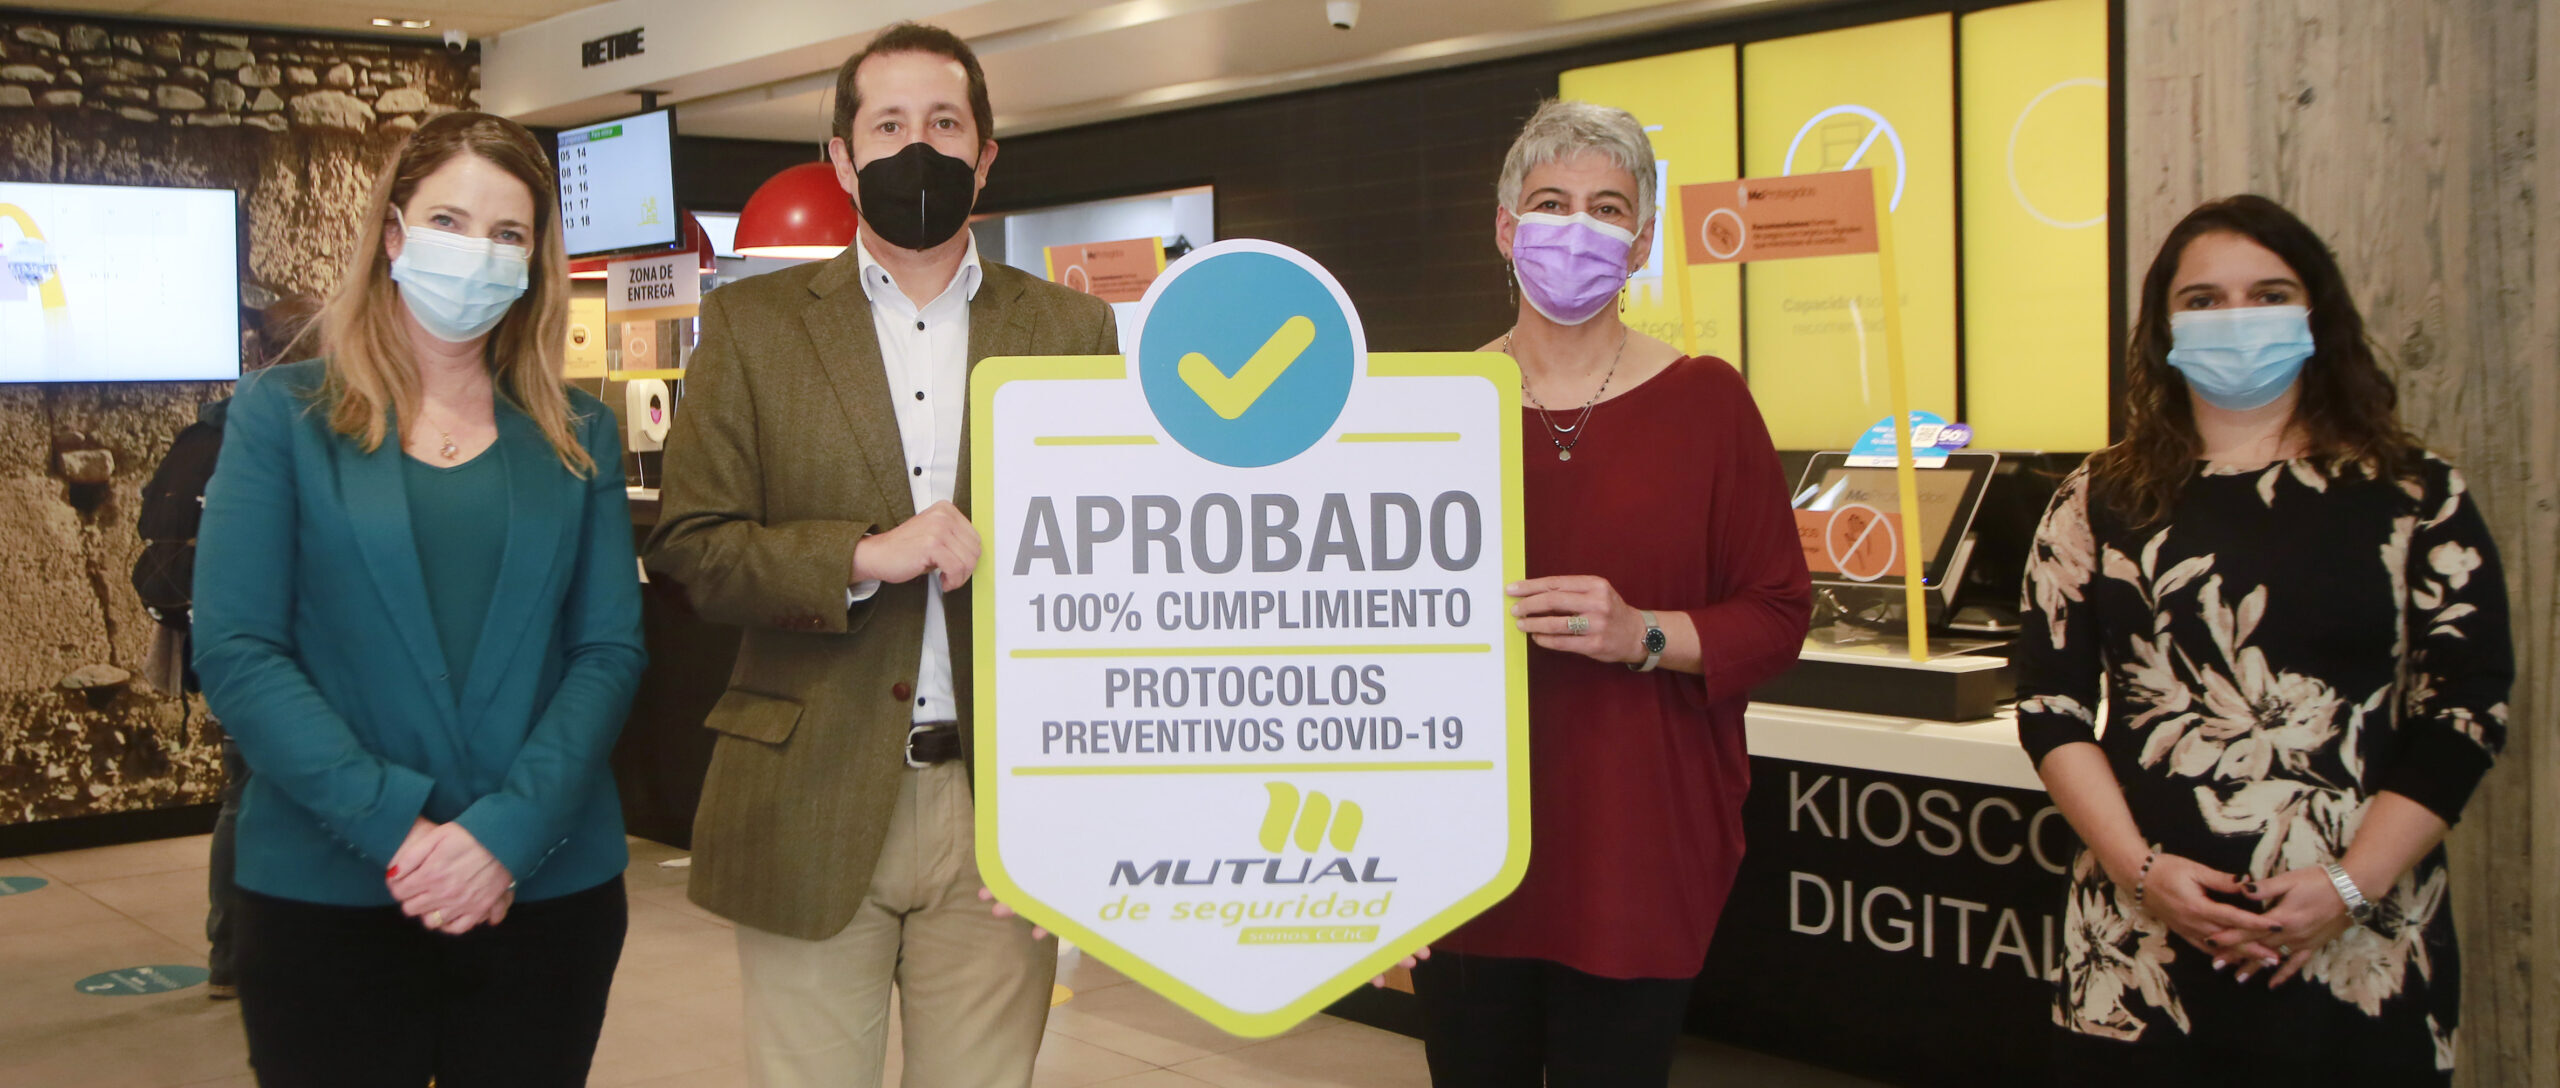 [Chile] Mutual de Seguridad reconoció a Arcos Dorados Chile con su Sello Prevención COVID-19